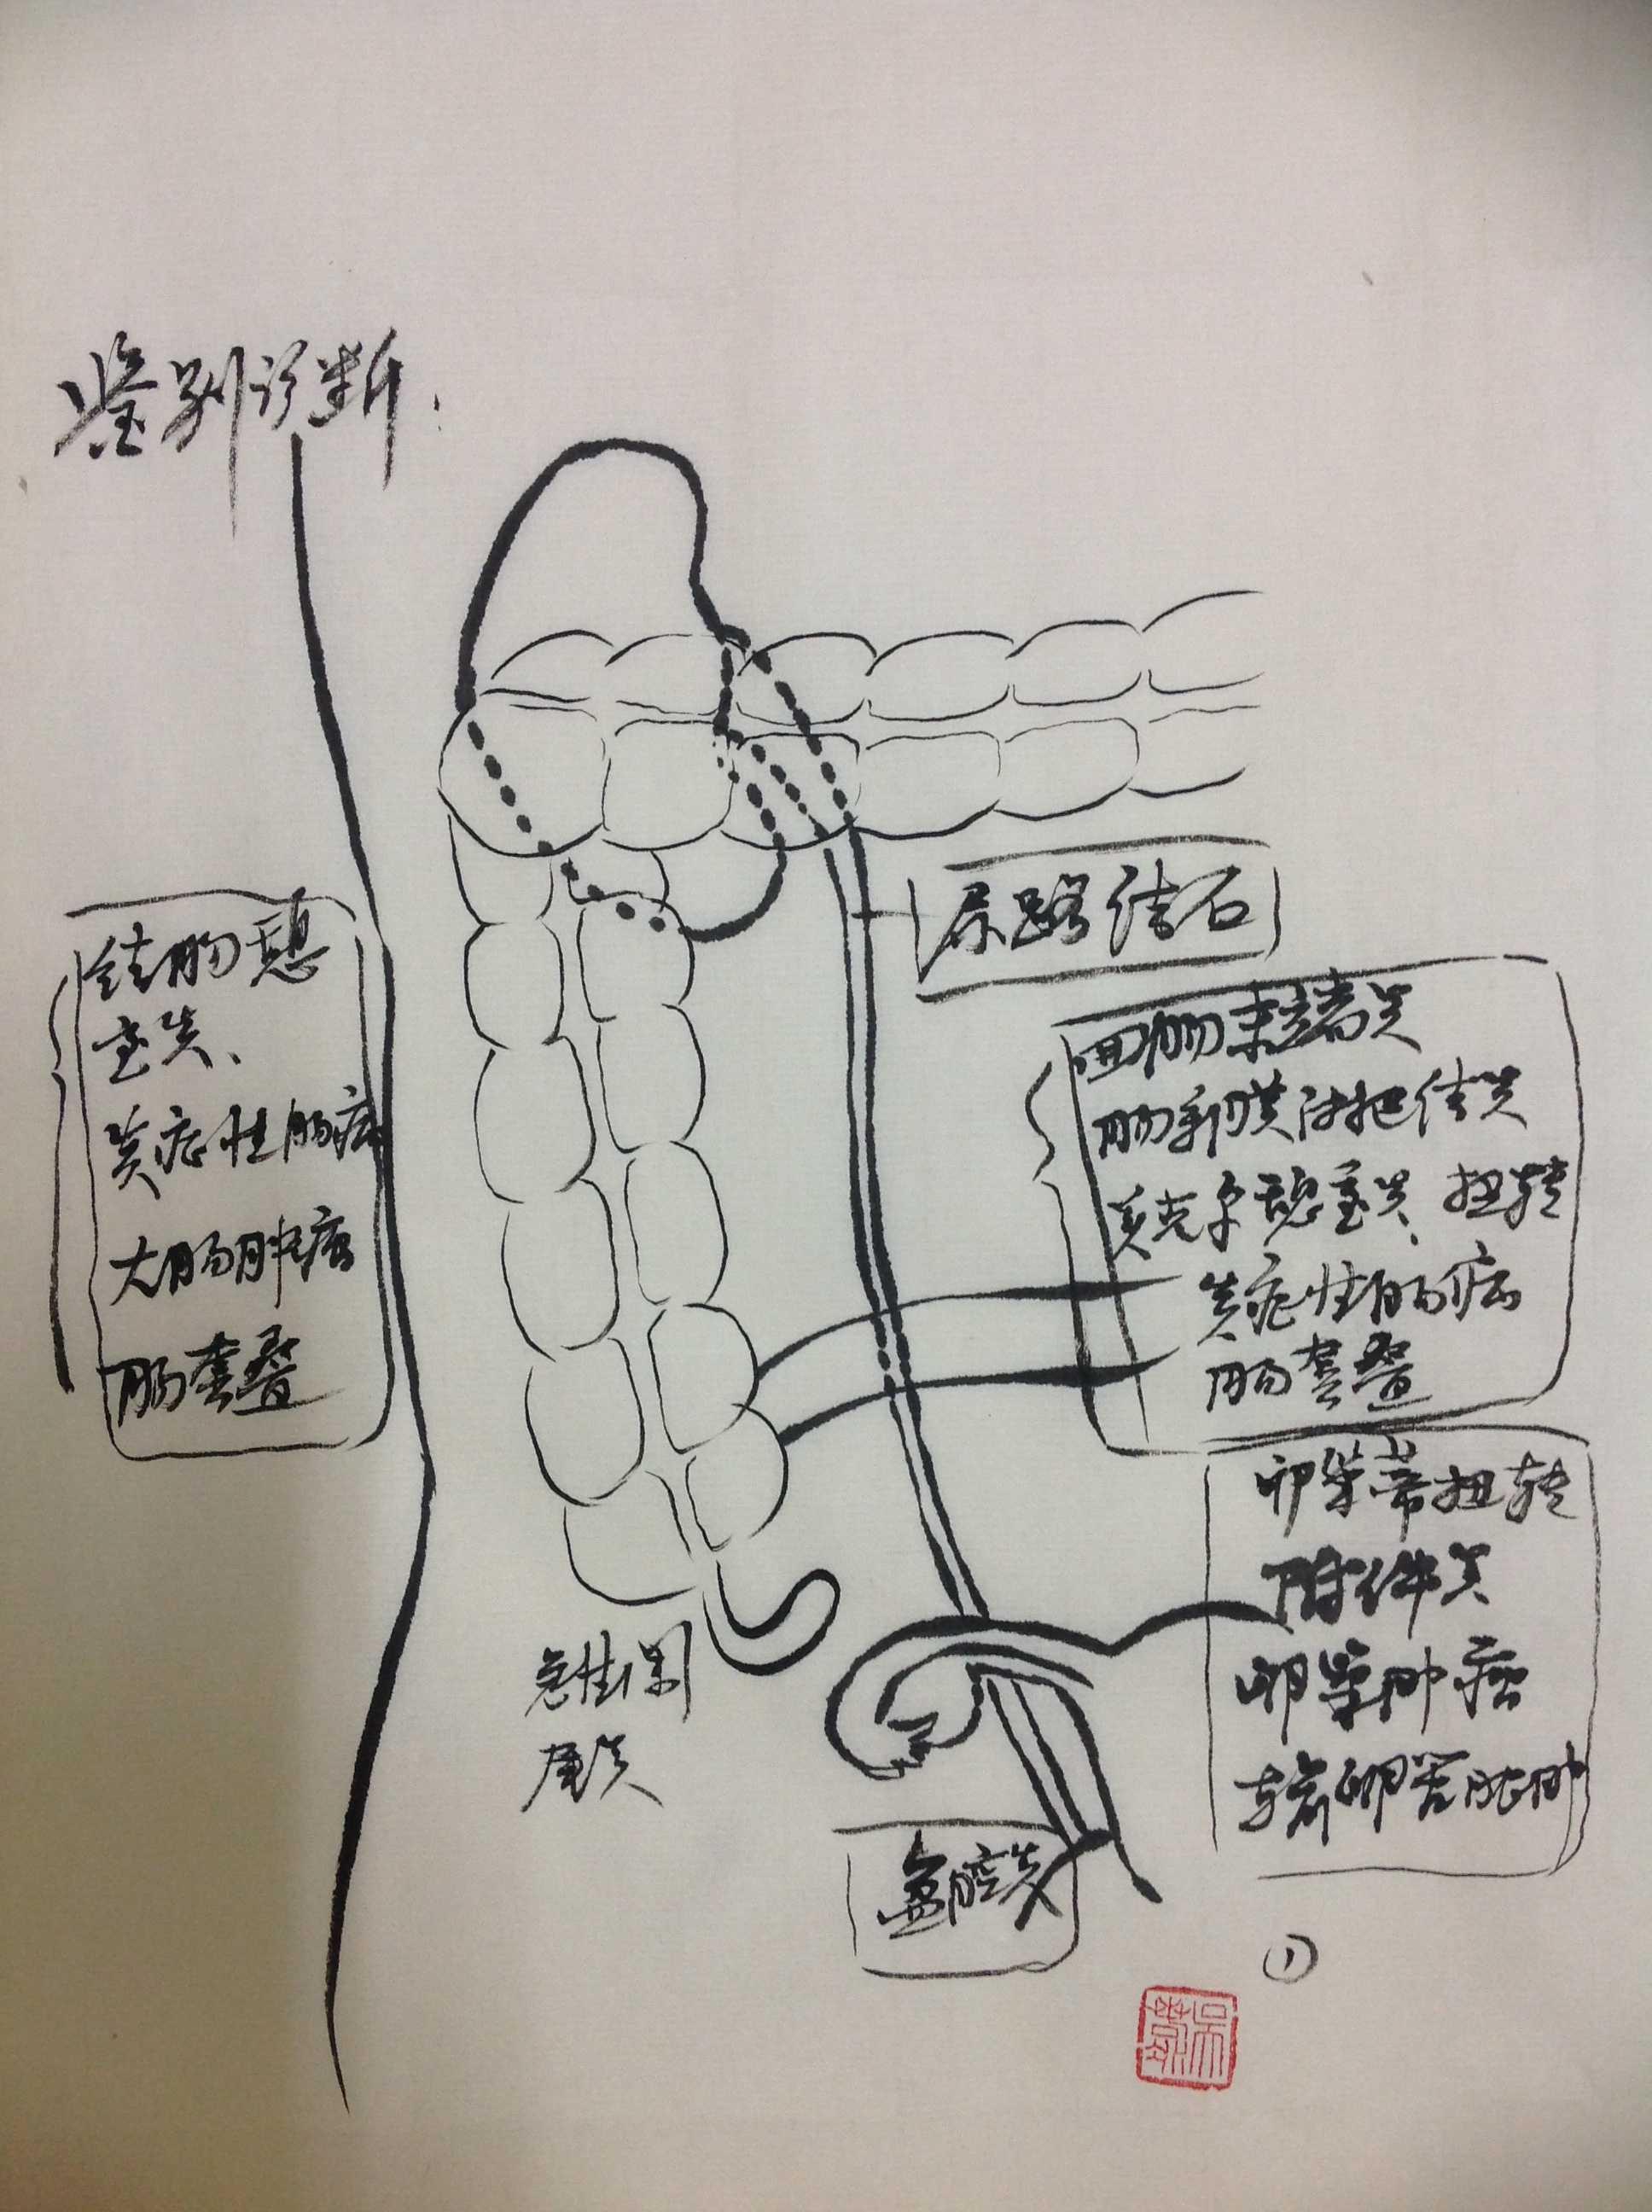 消化道疾病 外科讲坛 阑尾炎 手绘图 吴小兵:阑尾切除术 手绘图